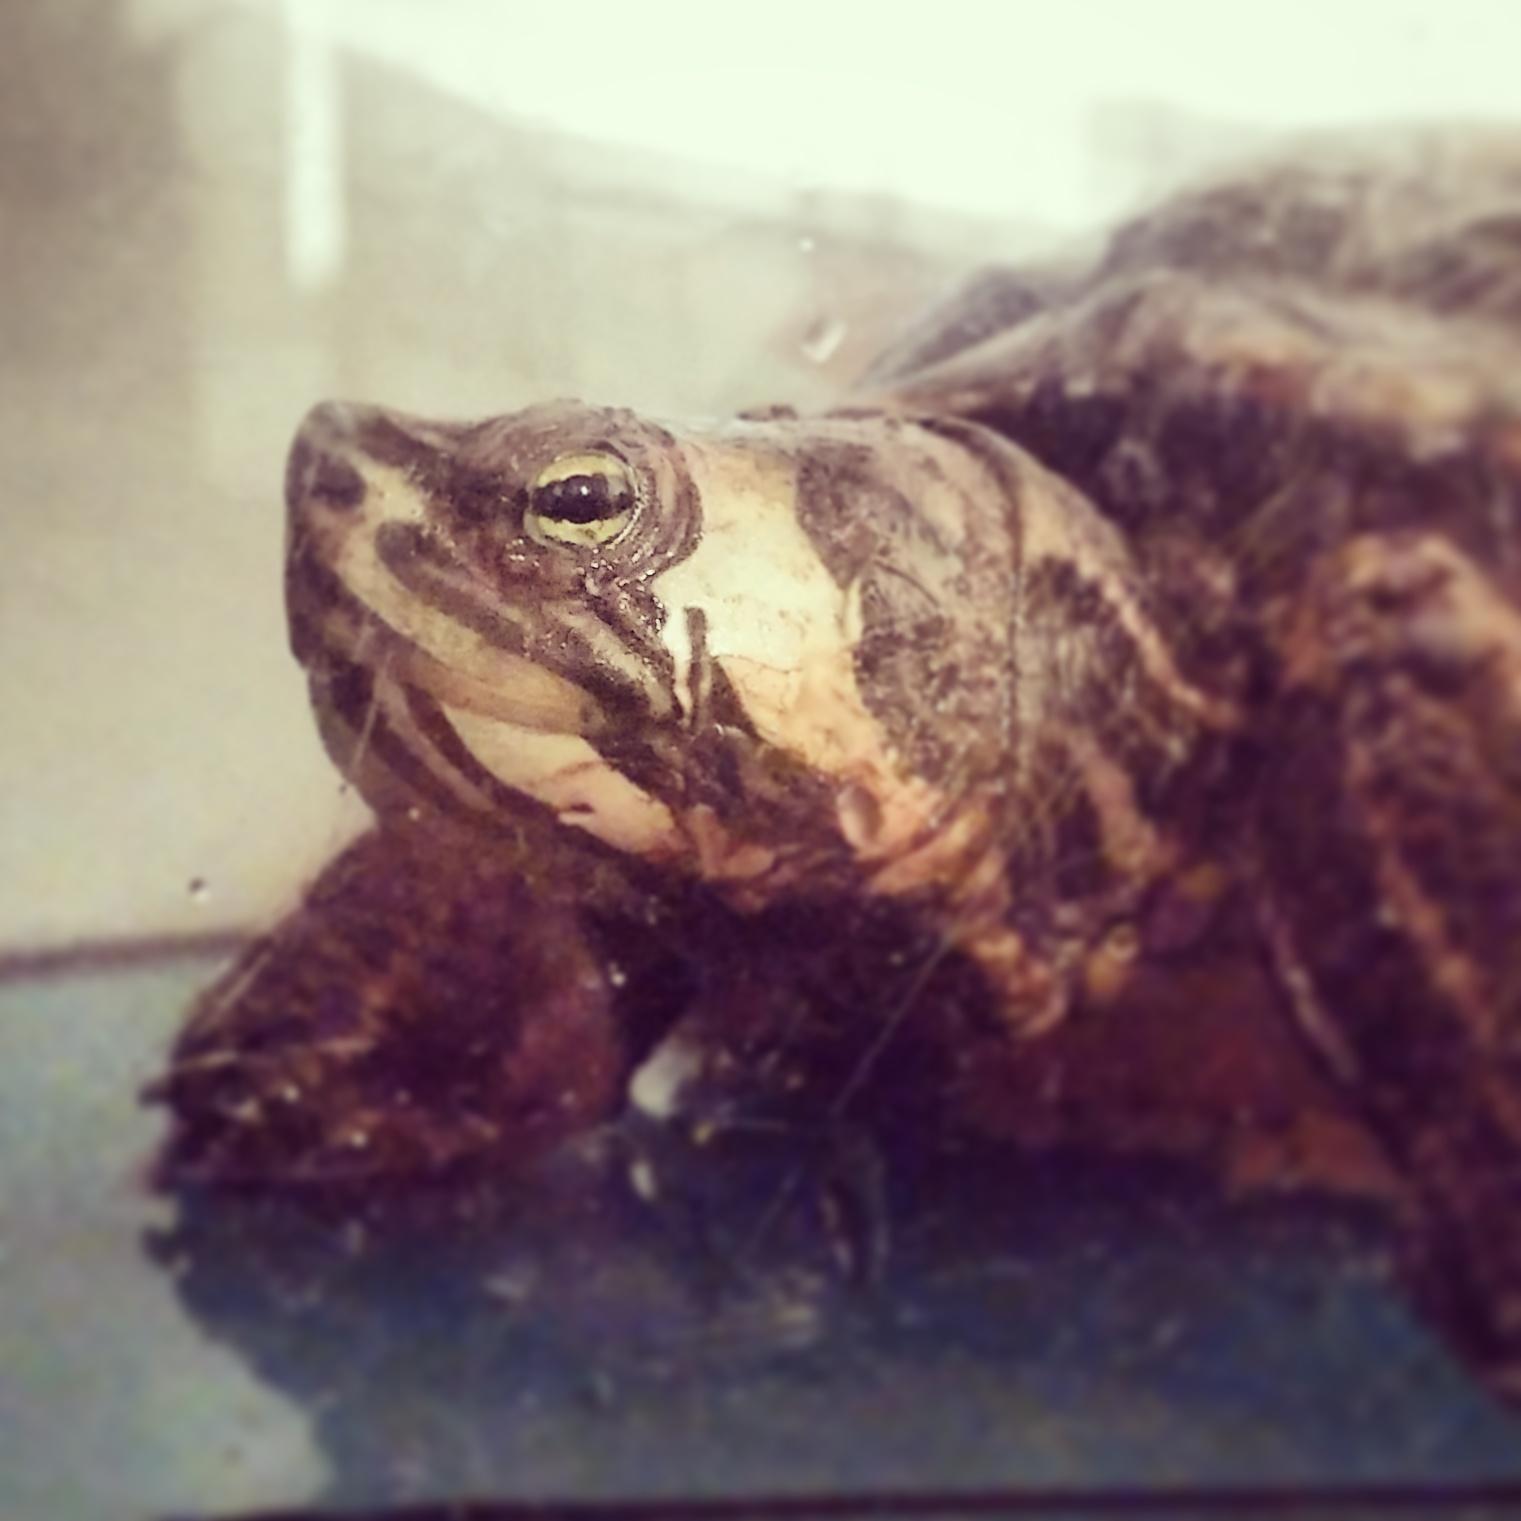 Tartaruga d acqua 5 modi per convivere ruzzas for Letargo tartarughe acqua